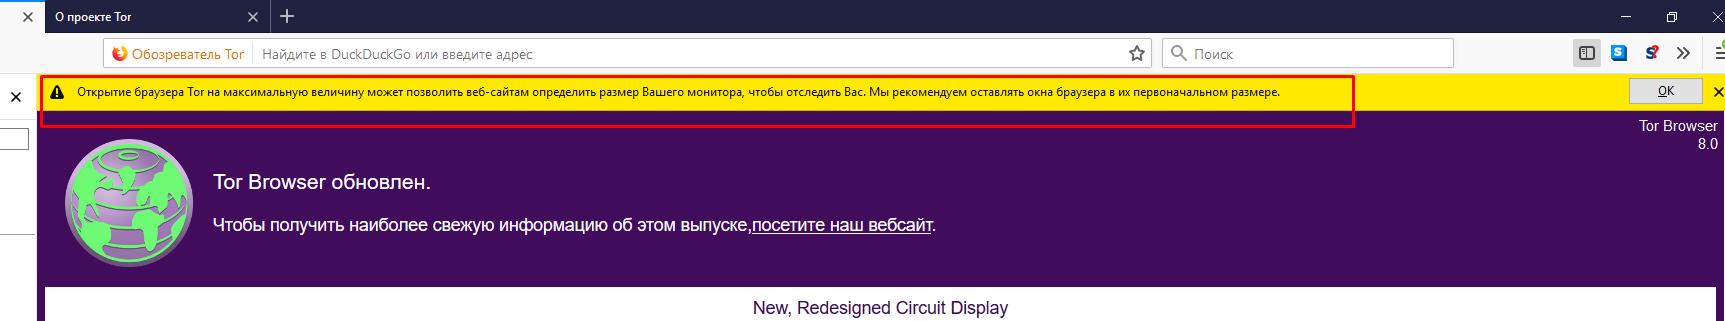 Открытие браузера тор на максимальную величину может позволить hydra опера браузер тор hyrda вход